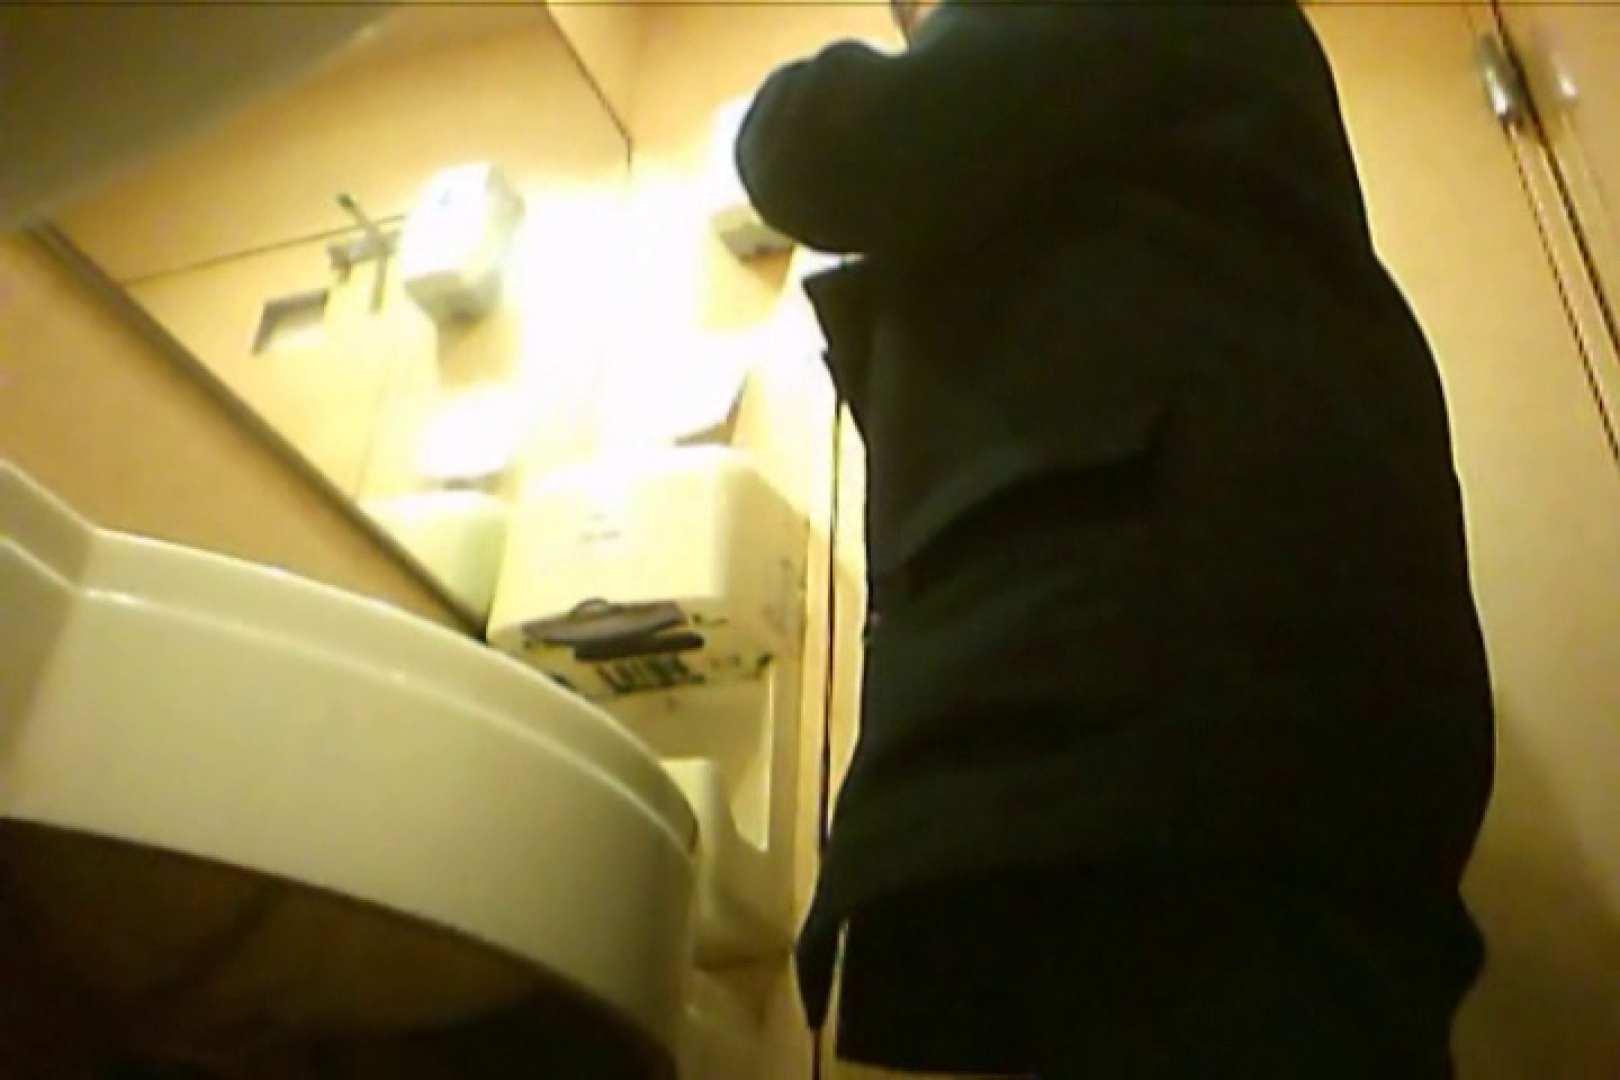 Gボーイ初投稿!掴み取りさんの洗面所覗き!in新幹線!VOL.17 スーツボーイズ | スジ筋系ボーイズ  104pic 9